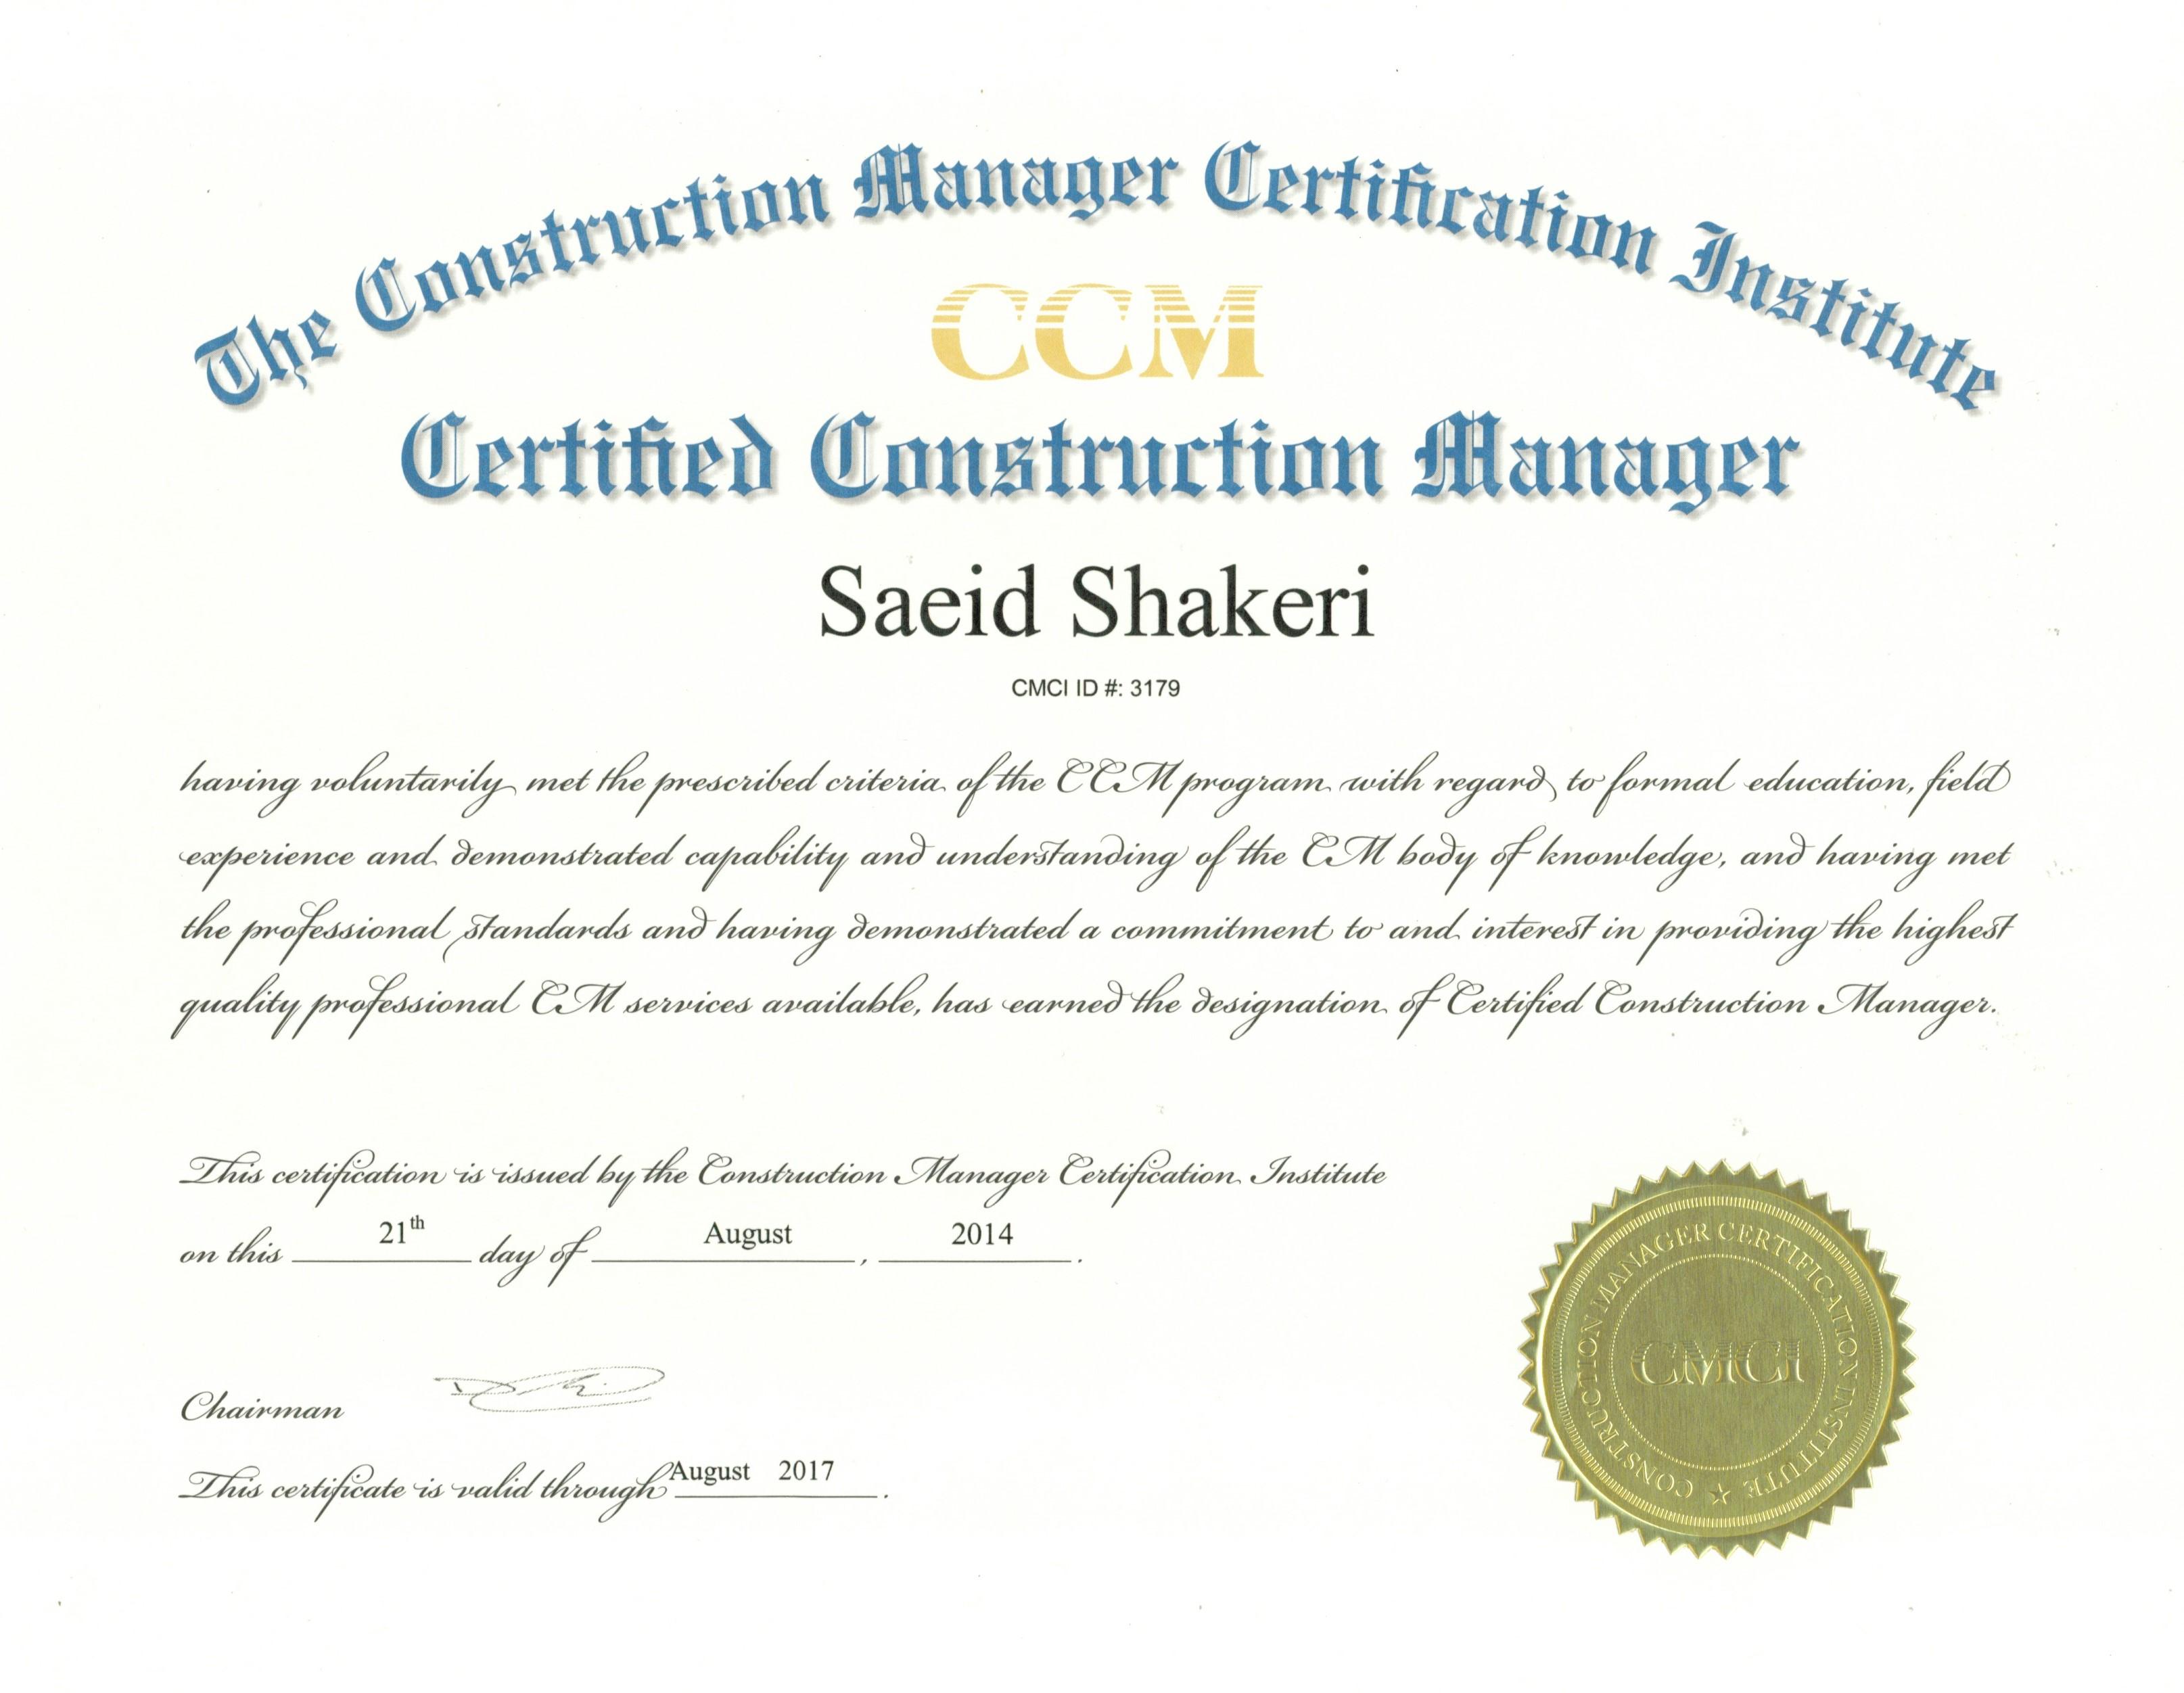 construction management ccm americal certification qp certifications